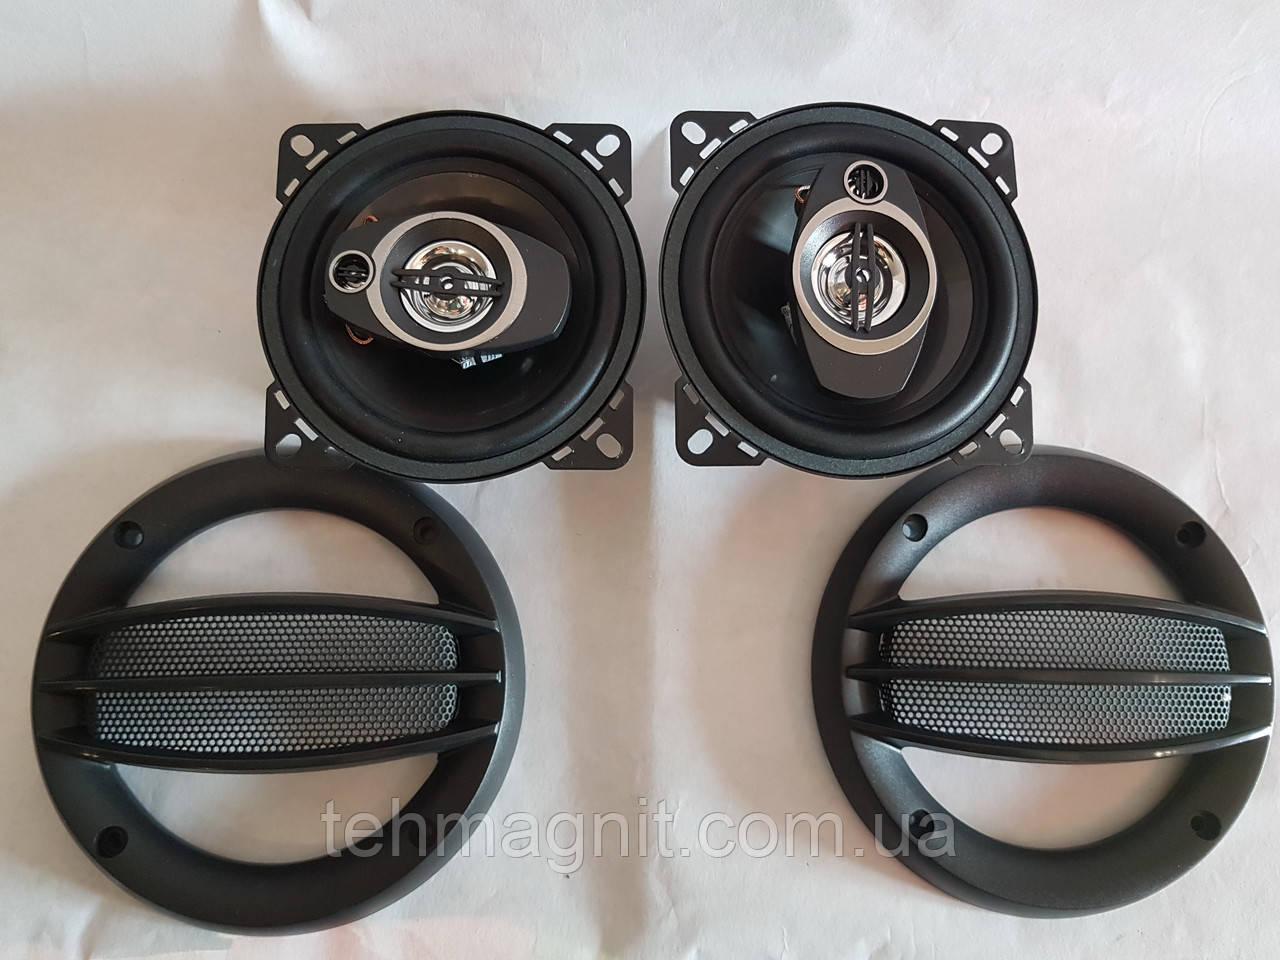 Автомобильные колонки, динамики в машину SP-1074 ( 10 см )